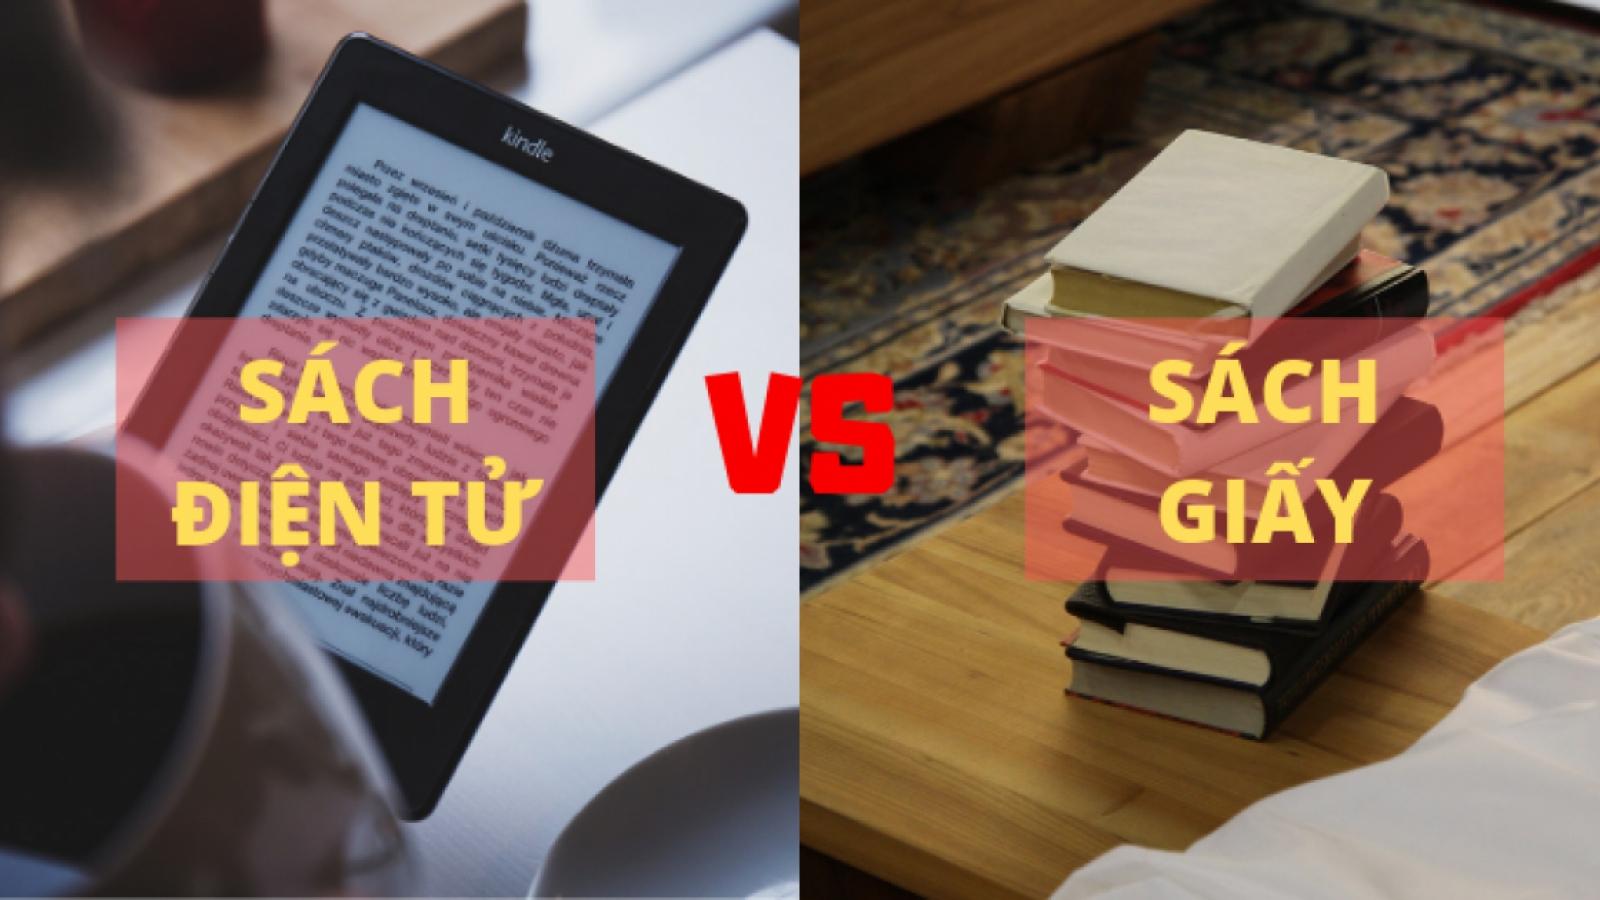 Sách điện tử (ebook): Vì sao độc giả kém mặn mà?